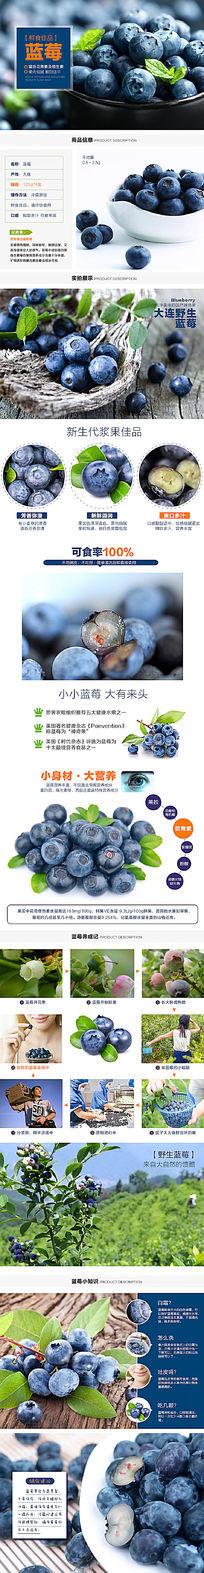 淘宝水果蓝莓详情页描述